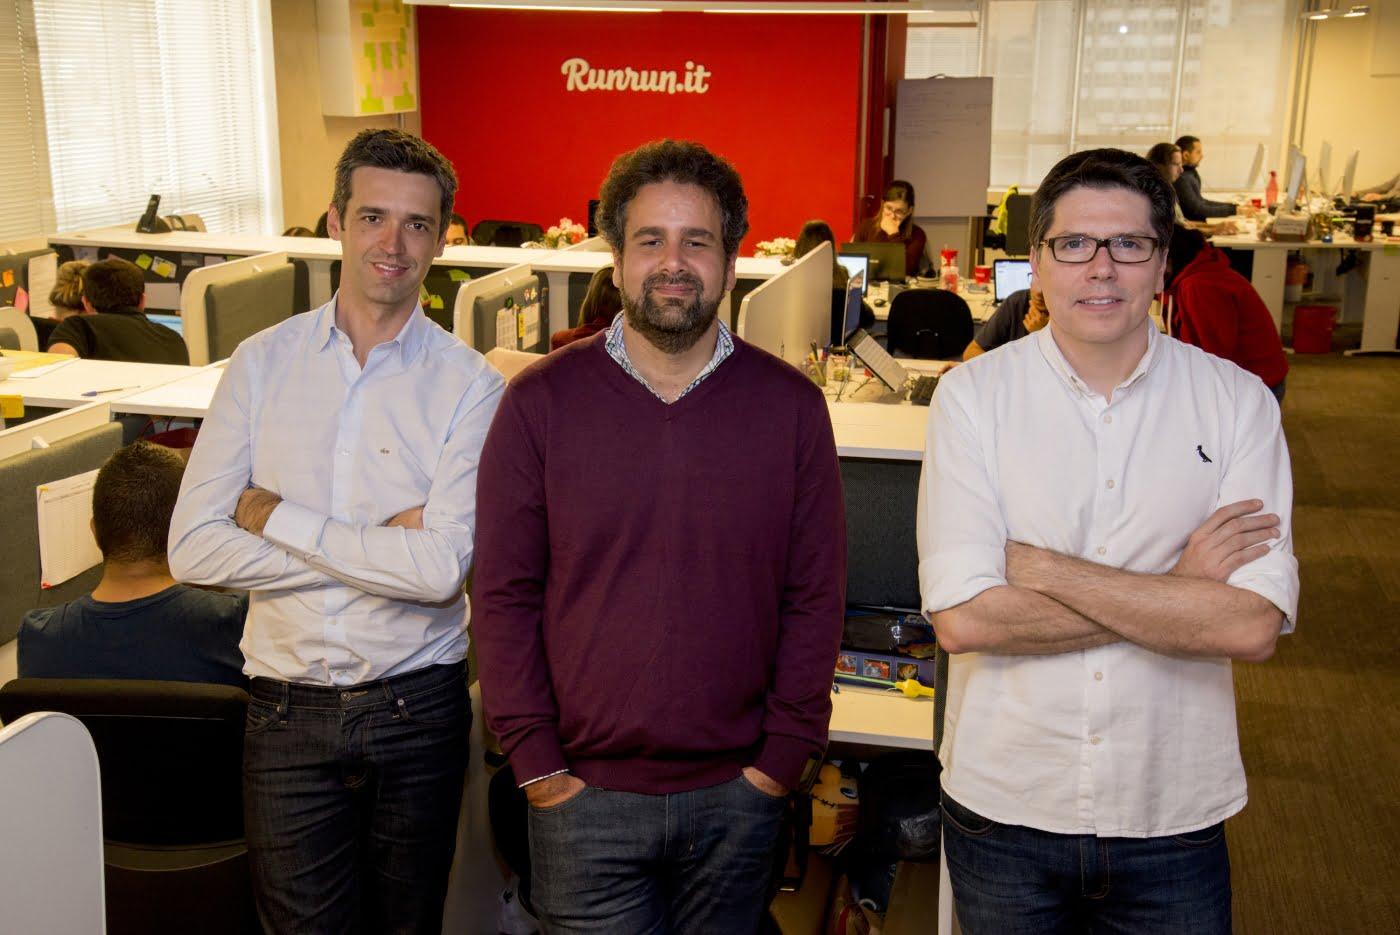 Os sócios da Runrun.it, Antonio Carlos Soares, Patrick Lisbona e Franklin Valadares quebraram a cabeça para manter o crescimento da plataforma de gestão em meio à crise – e conseguiram.